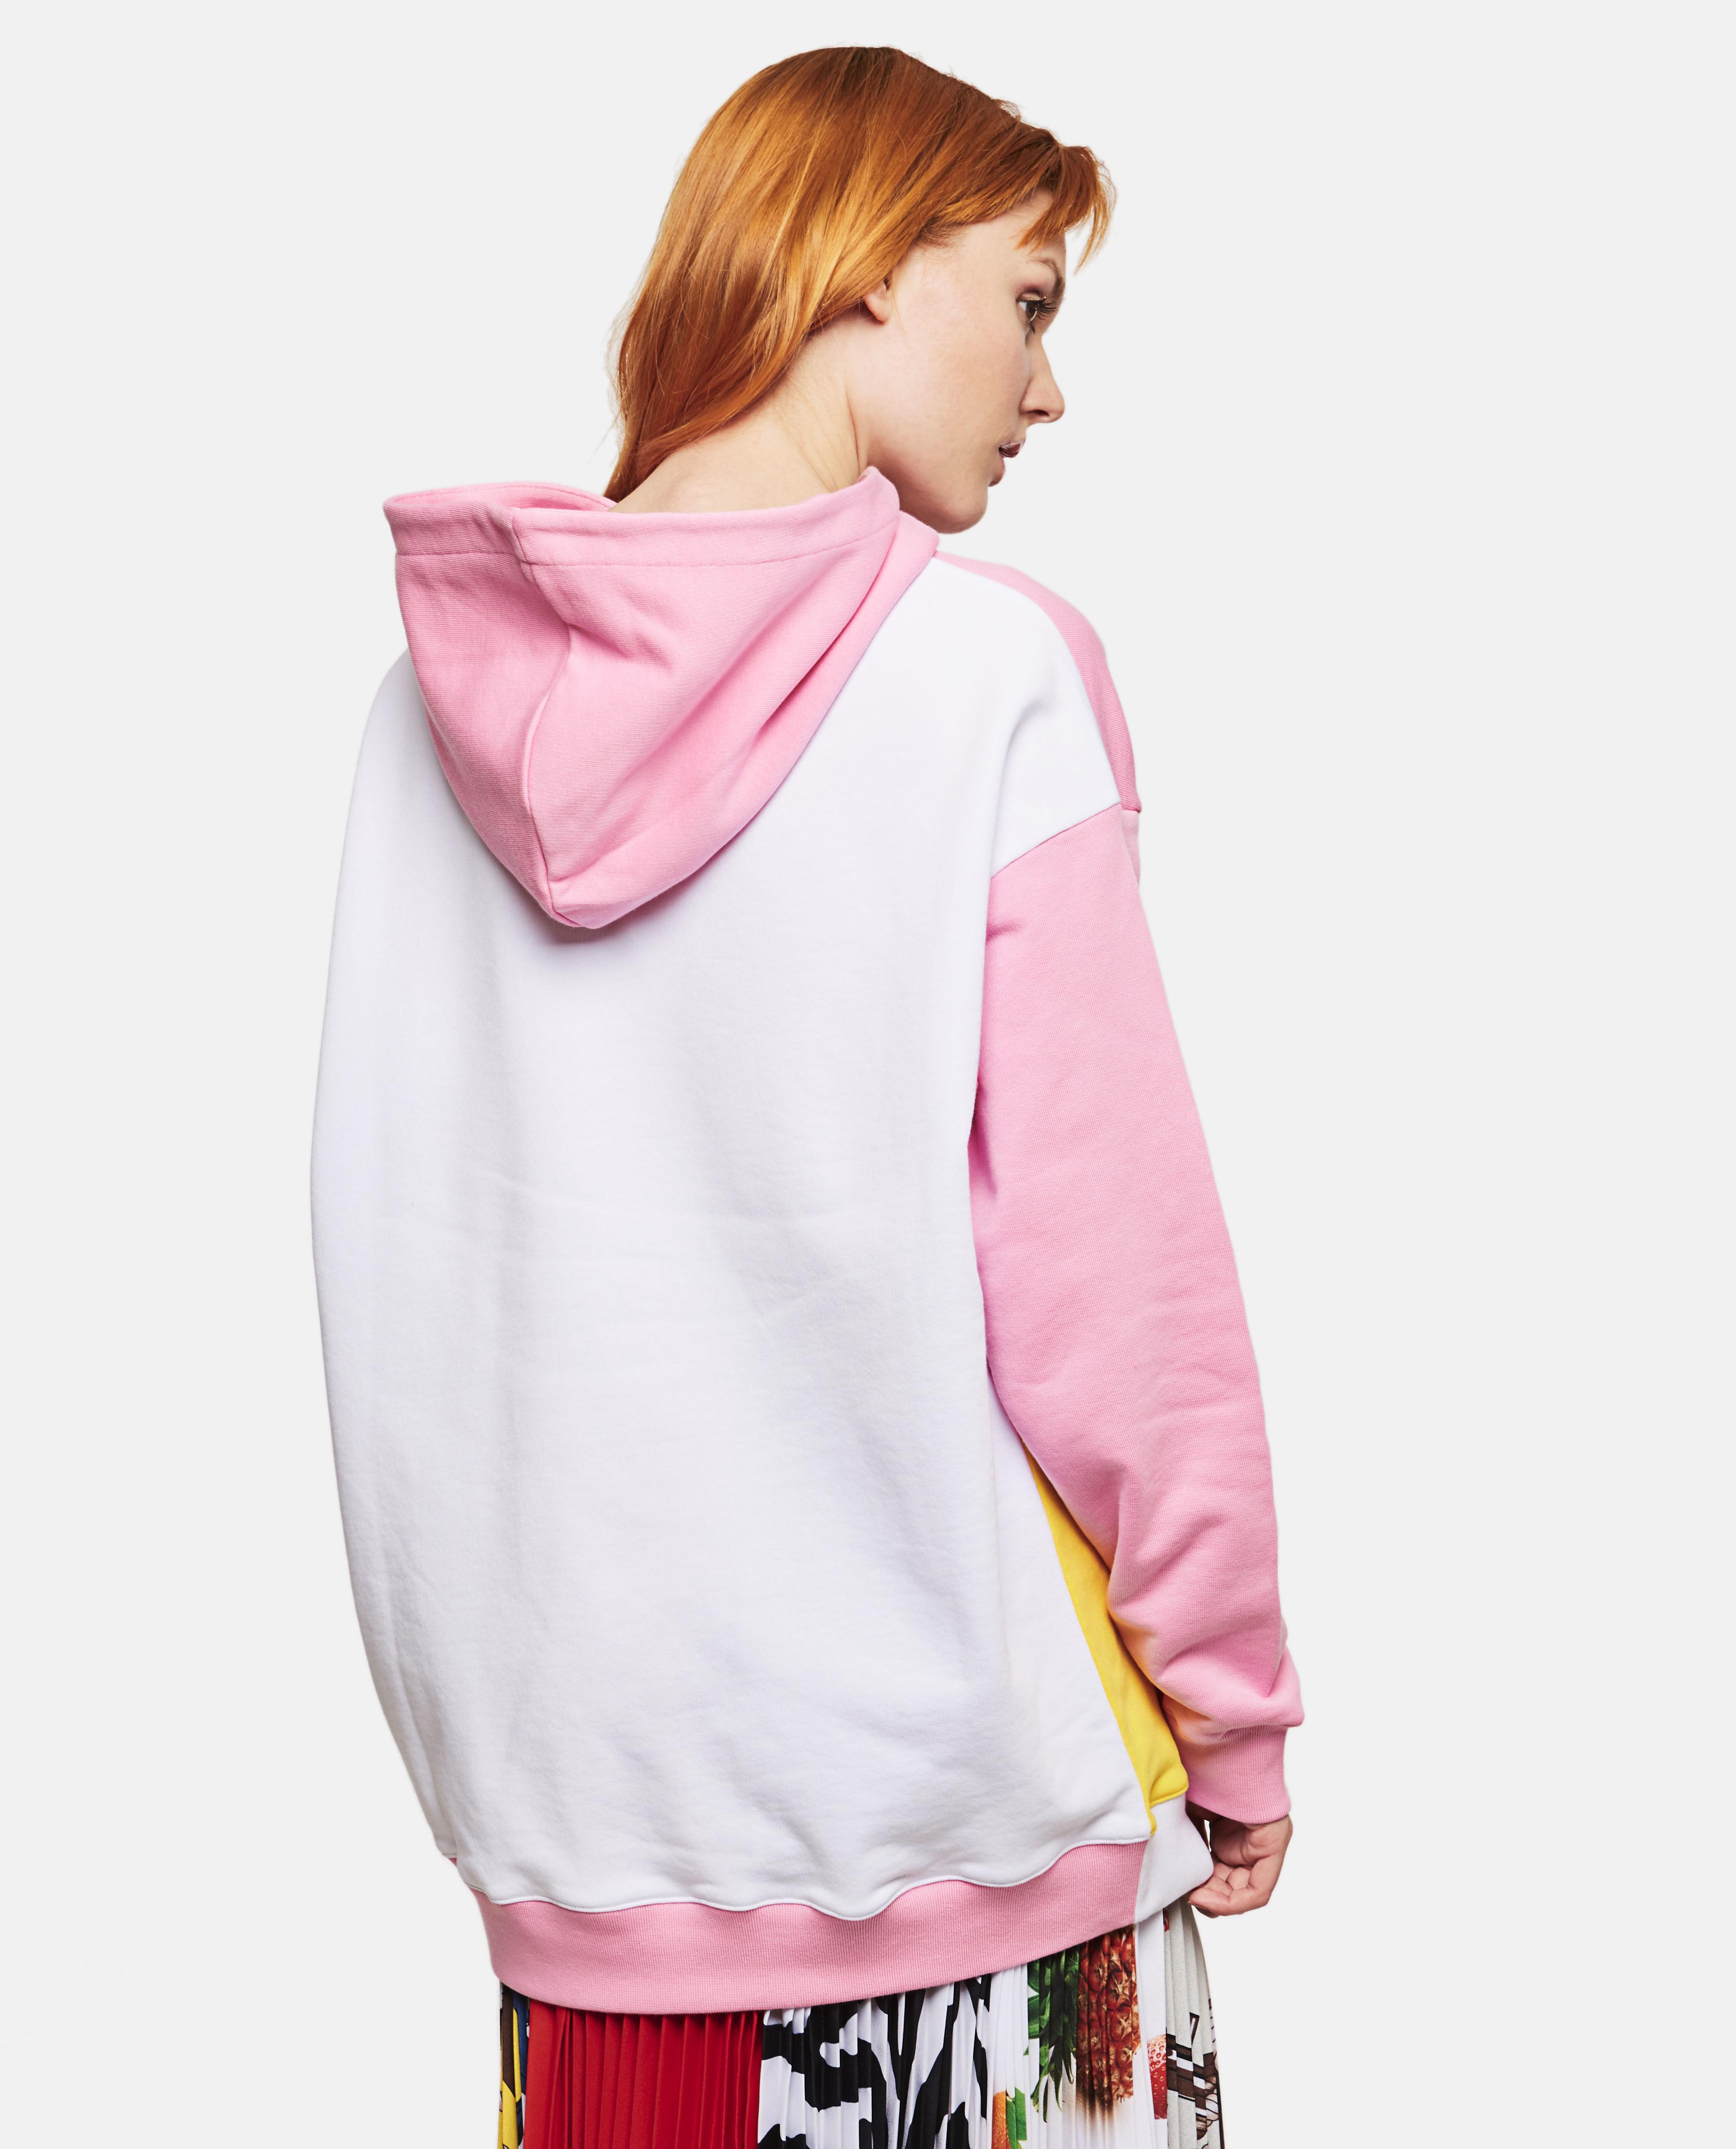 ee45d9b34 Women's Pink Hooded Sweatshirt